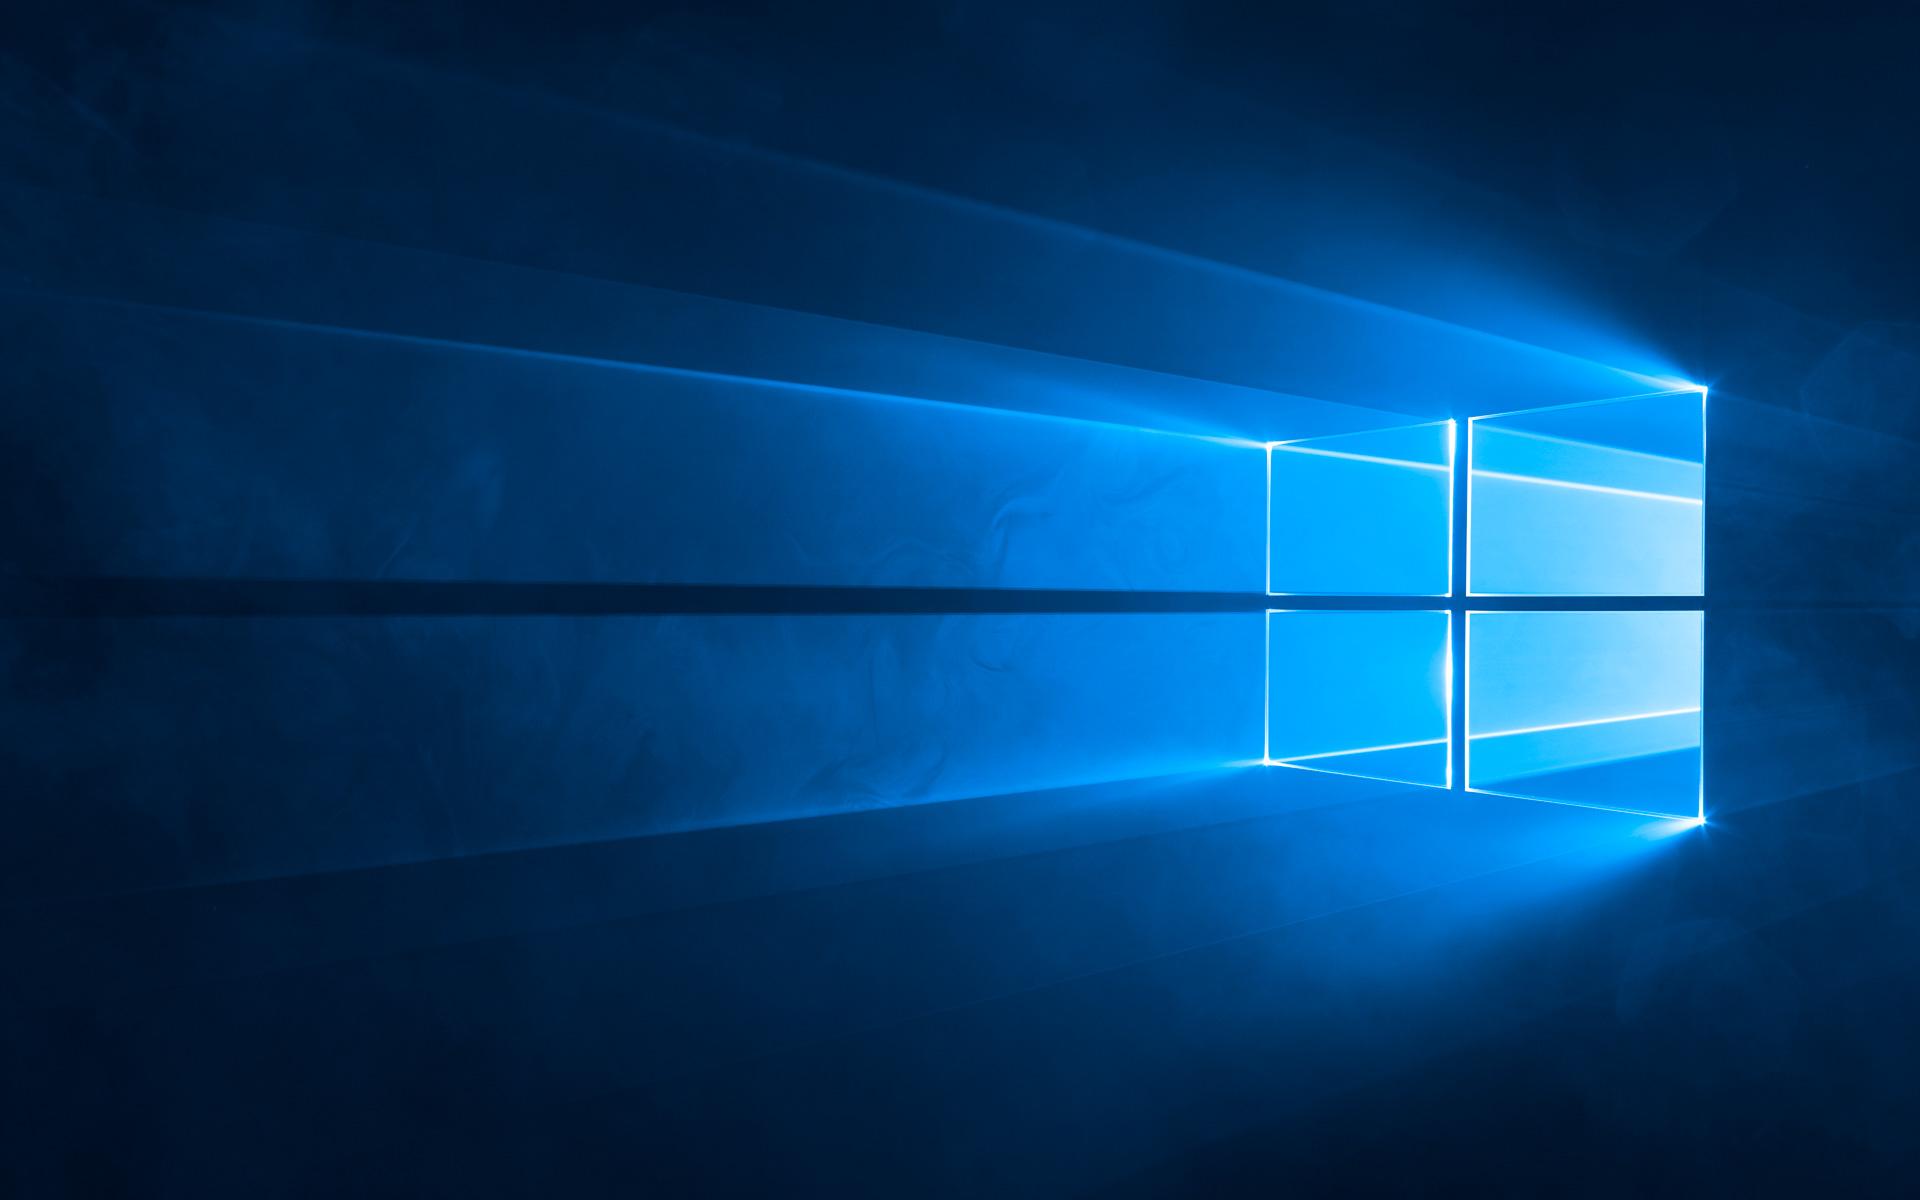 因擅自升级Windows 10系统微软在芬兰赔偿用户1100欧元